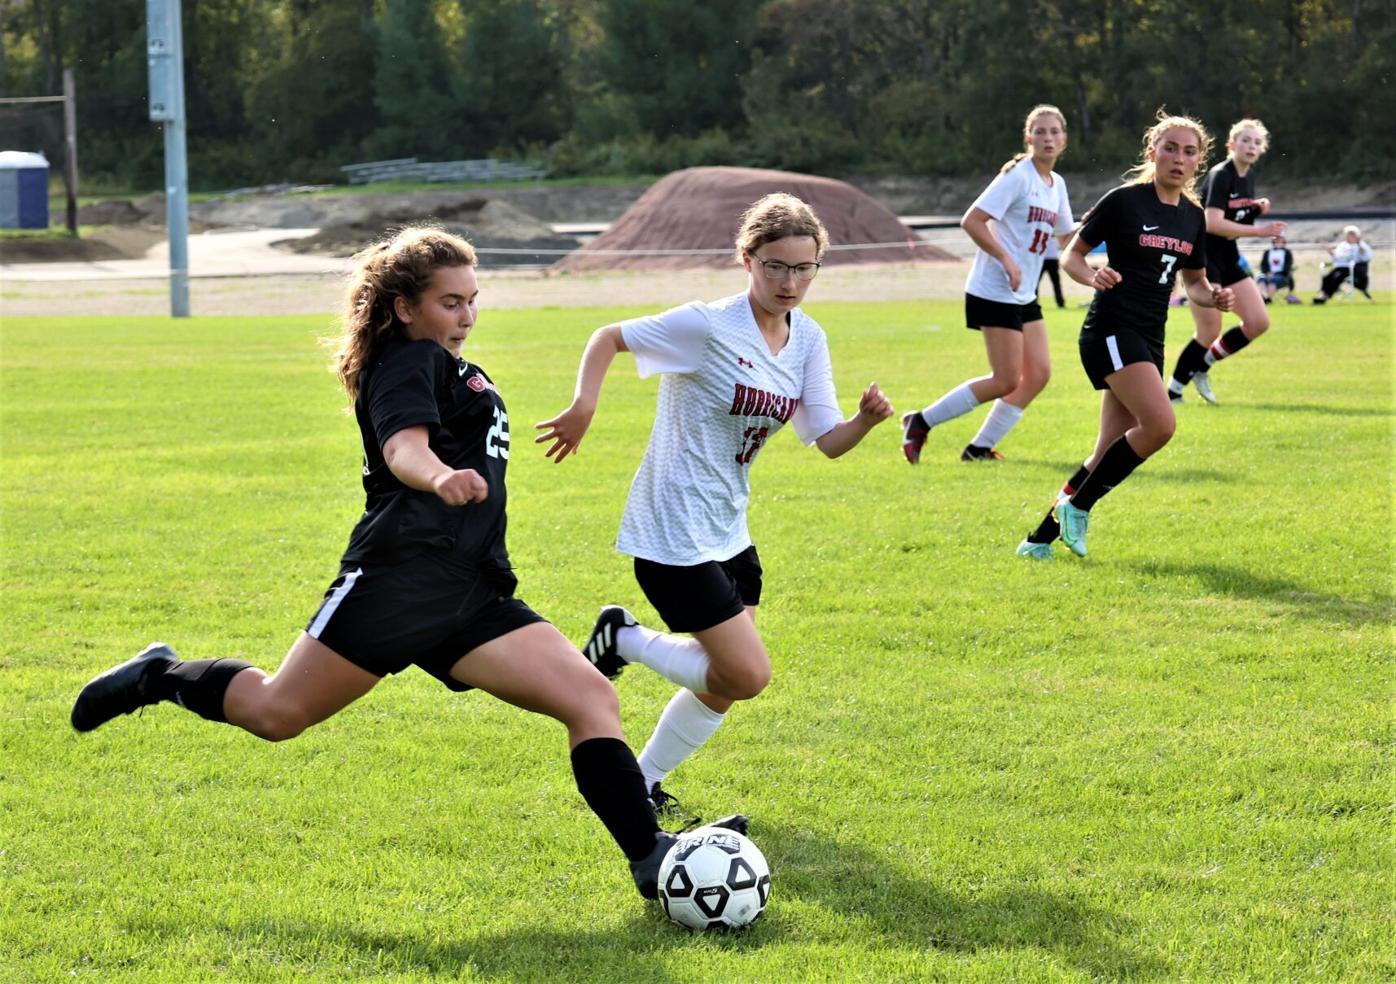 belen galvez kicks the ball